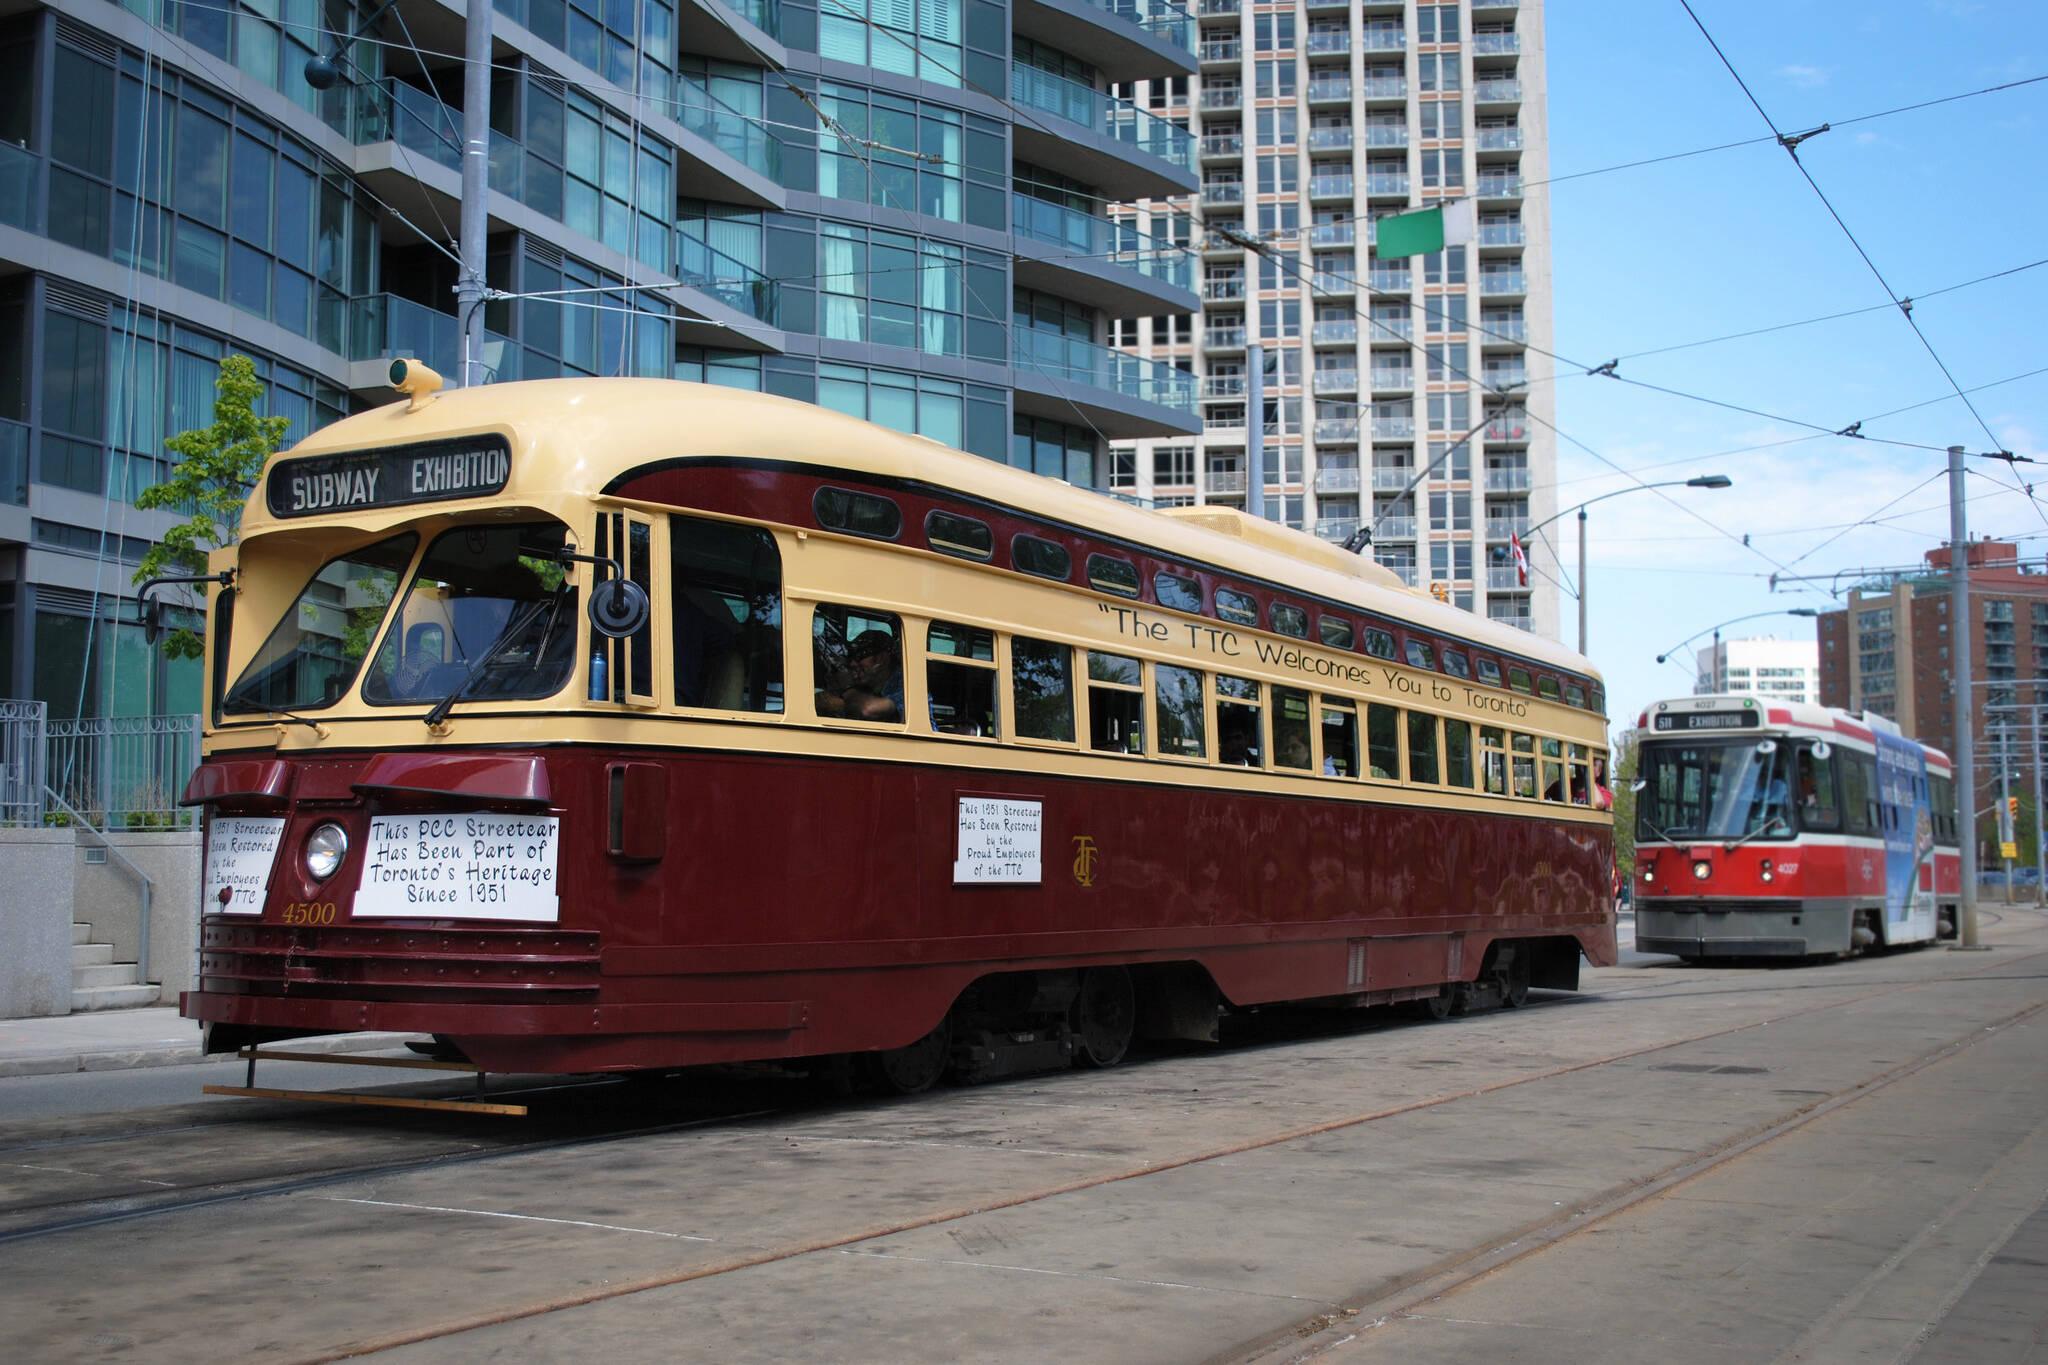 ttc vintage streetcar